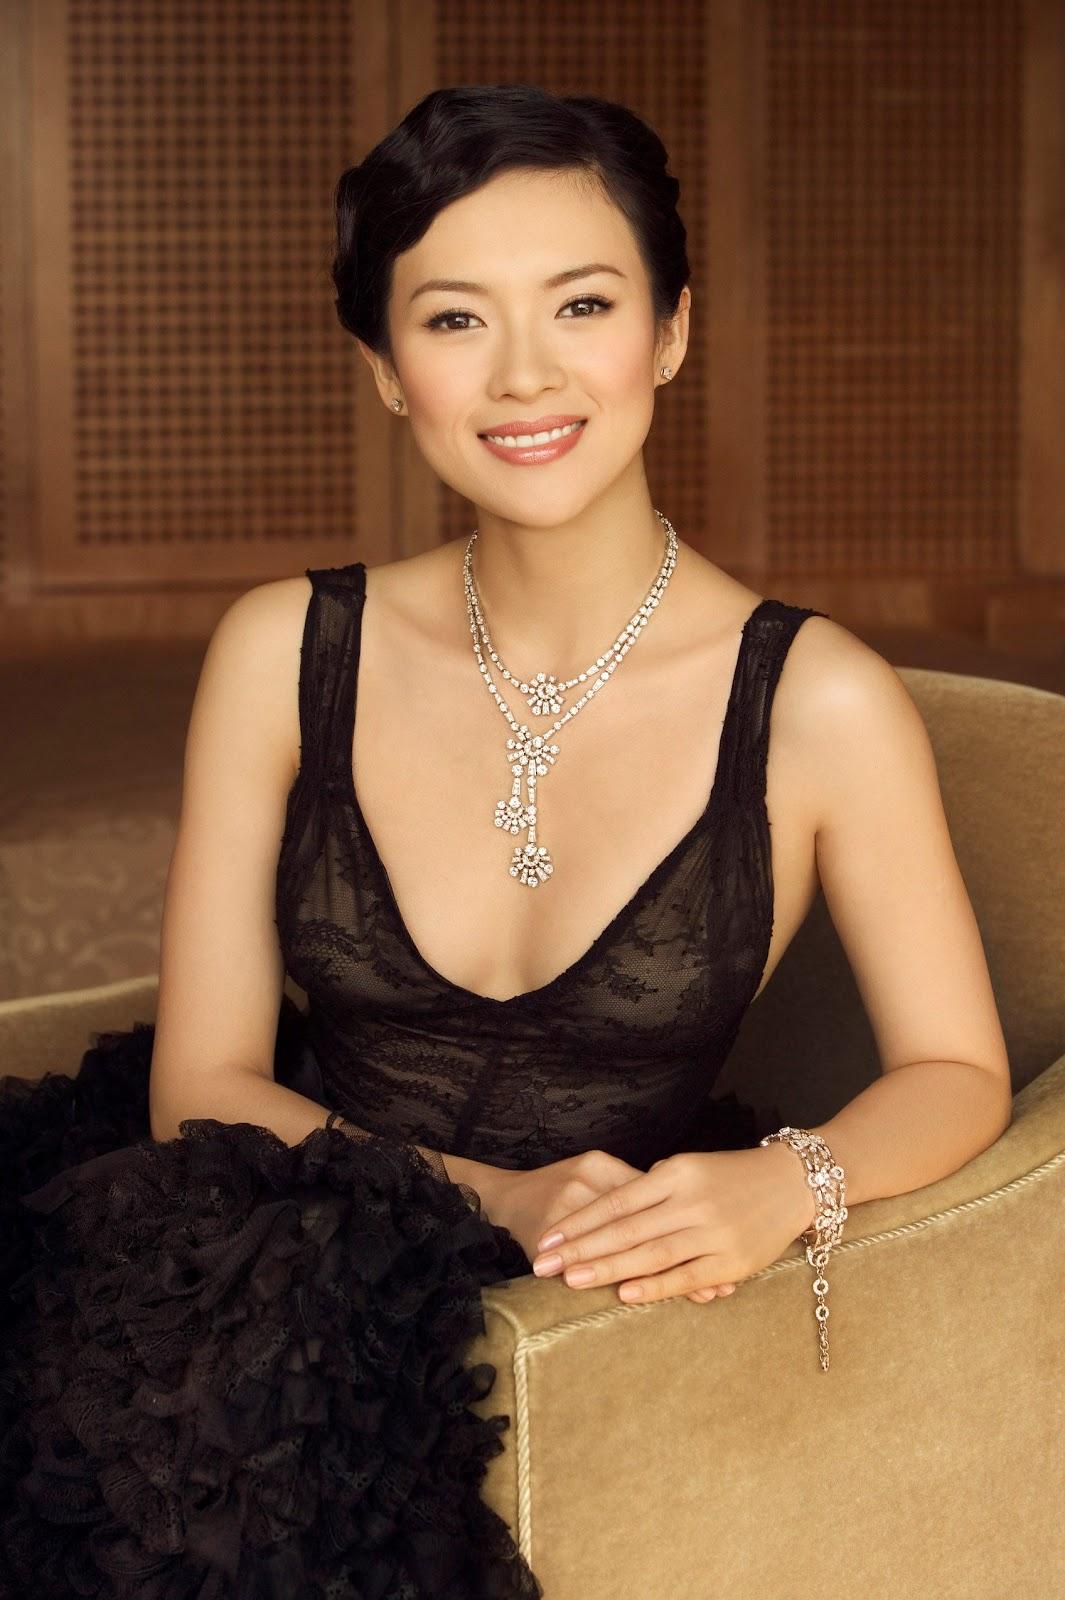 http://4.bp.blogspot.com/-bDJ874P84hQ/T2CF7bMvPyI/AAAAAAAABg8/OJO4HDBDPuE/s1600/Zhang+Ziyi+8.jpg